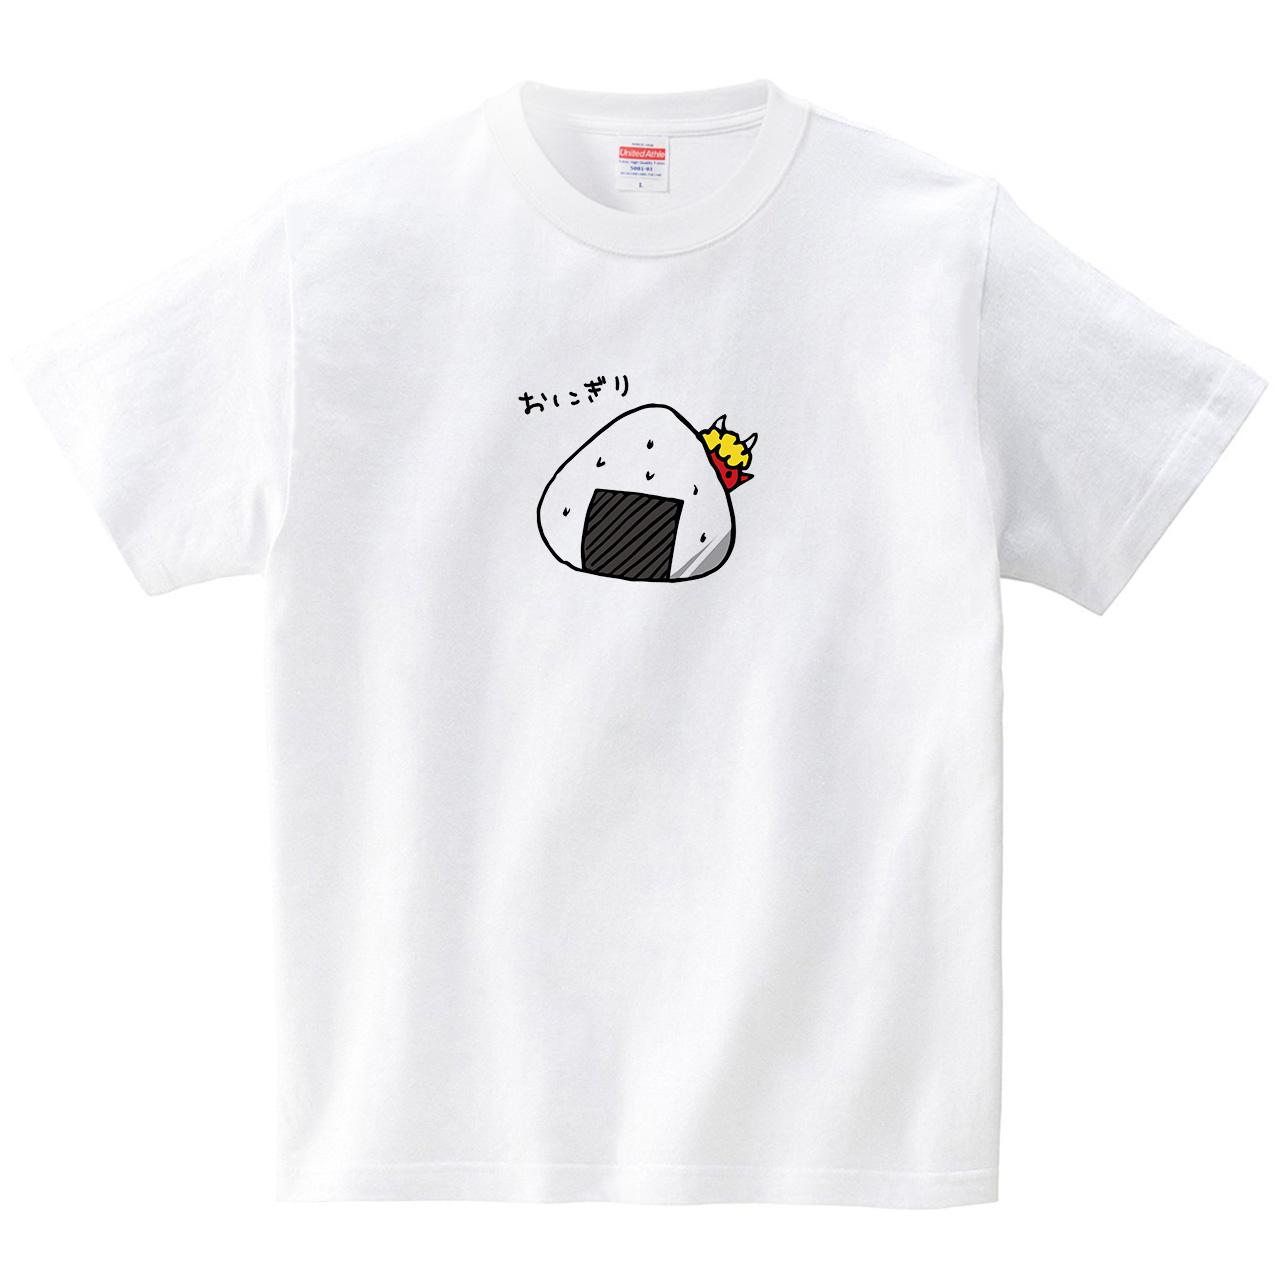 おにぎり(Tシャツ・ホワイト)(あずき*)